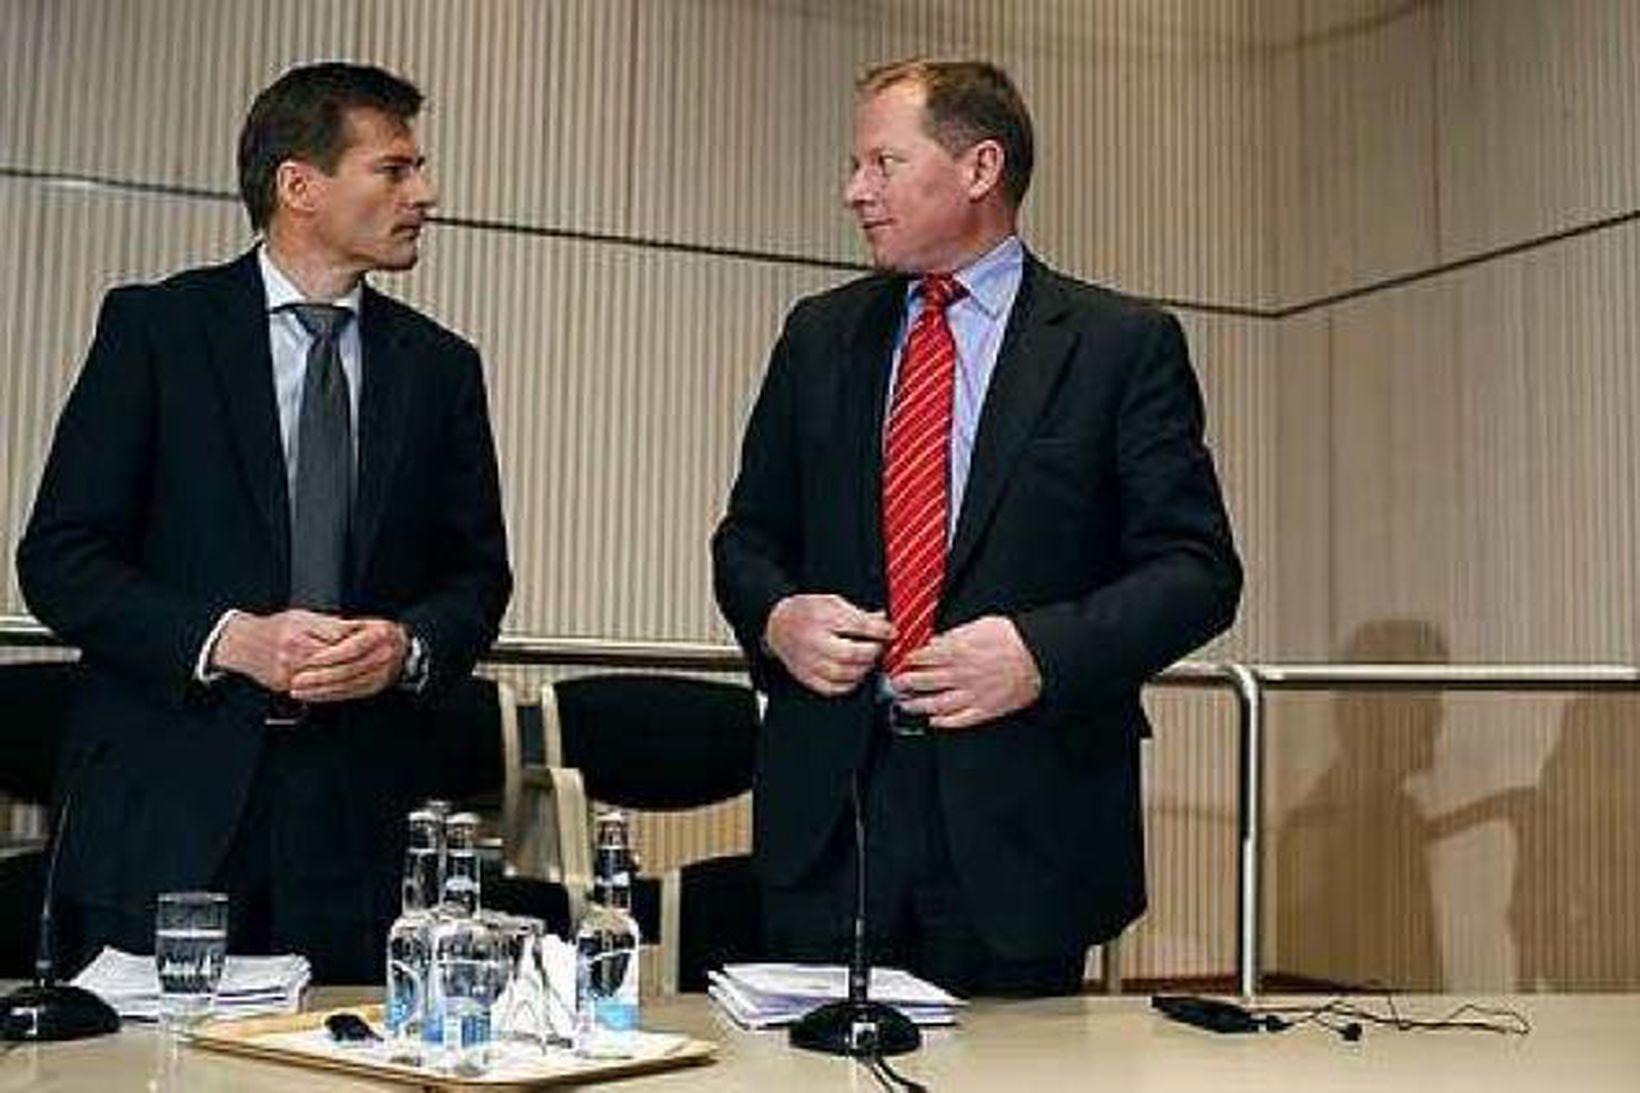 Arnór Sighvatsson, aðstoðarbankastjóri Seðlabankans, og Svein Harald Øygard, seðlabankastjóri, sitja …